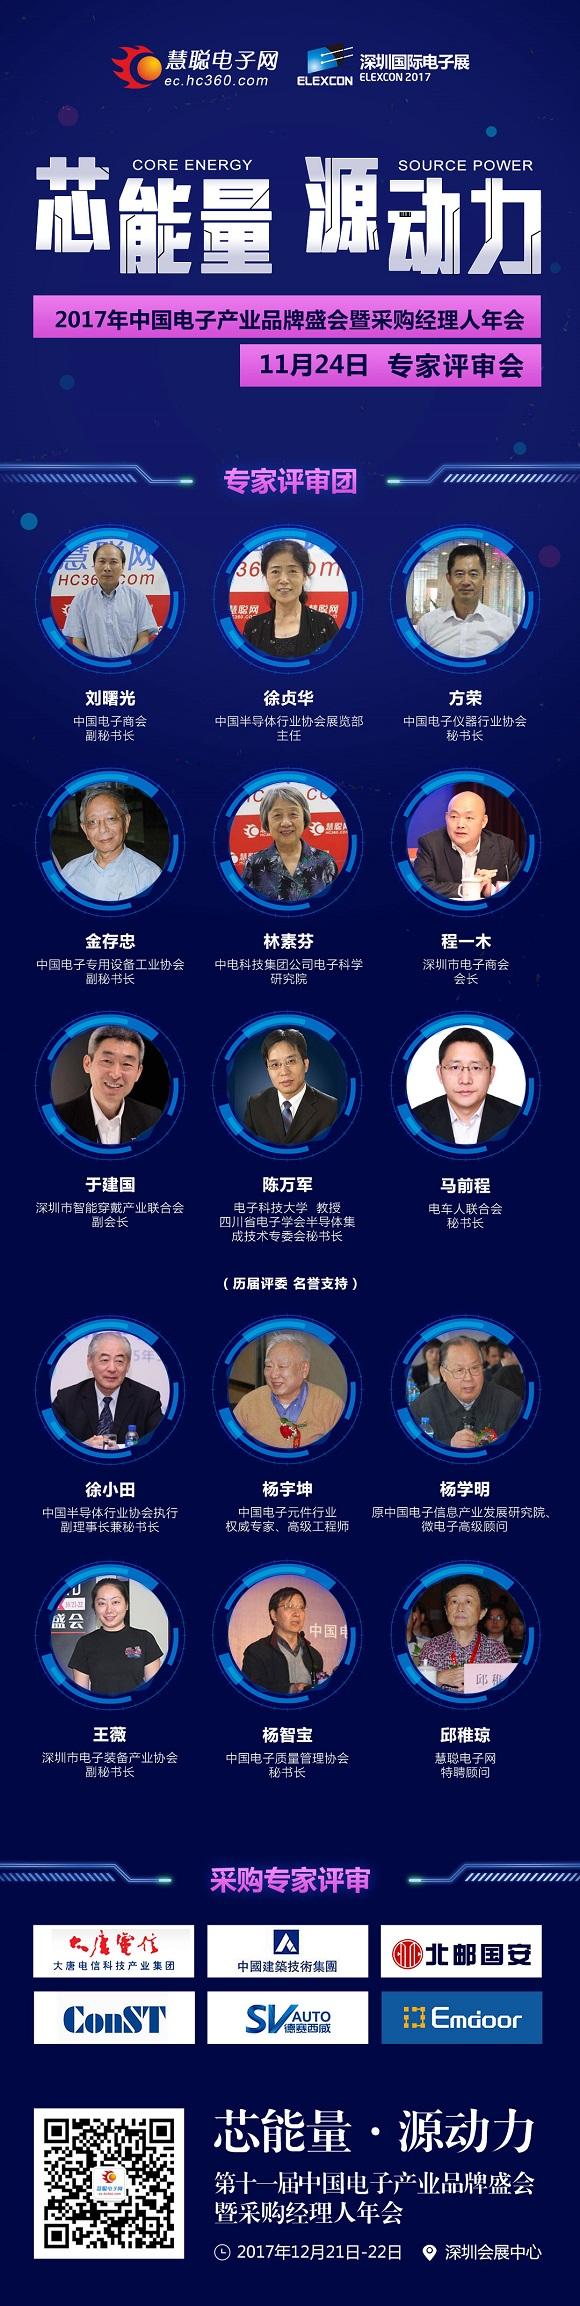 """千锤百炼锻造荣耀 品牌盛会专家评审团迎三大""""新变"""""""